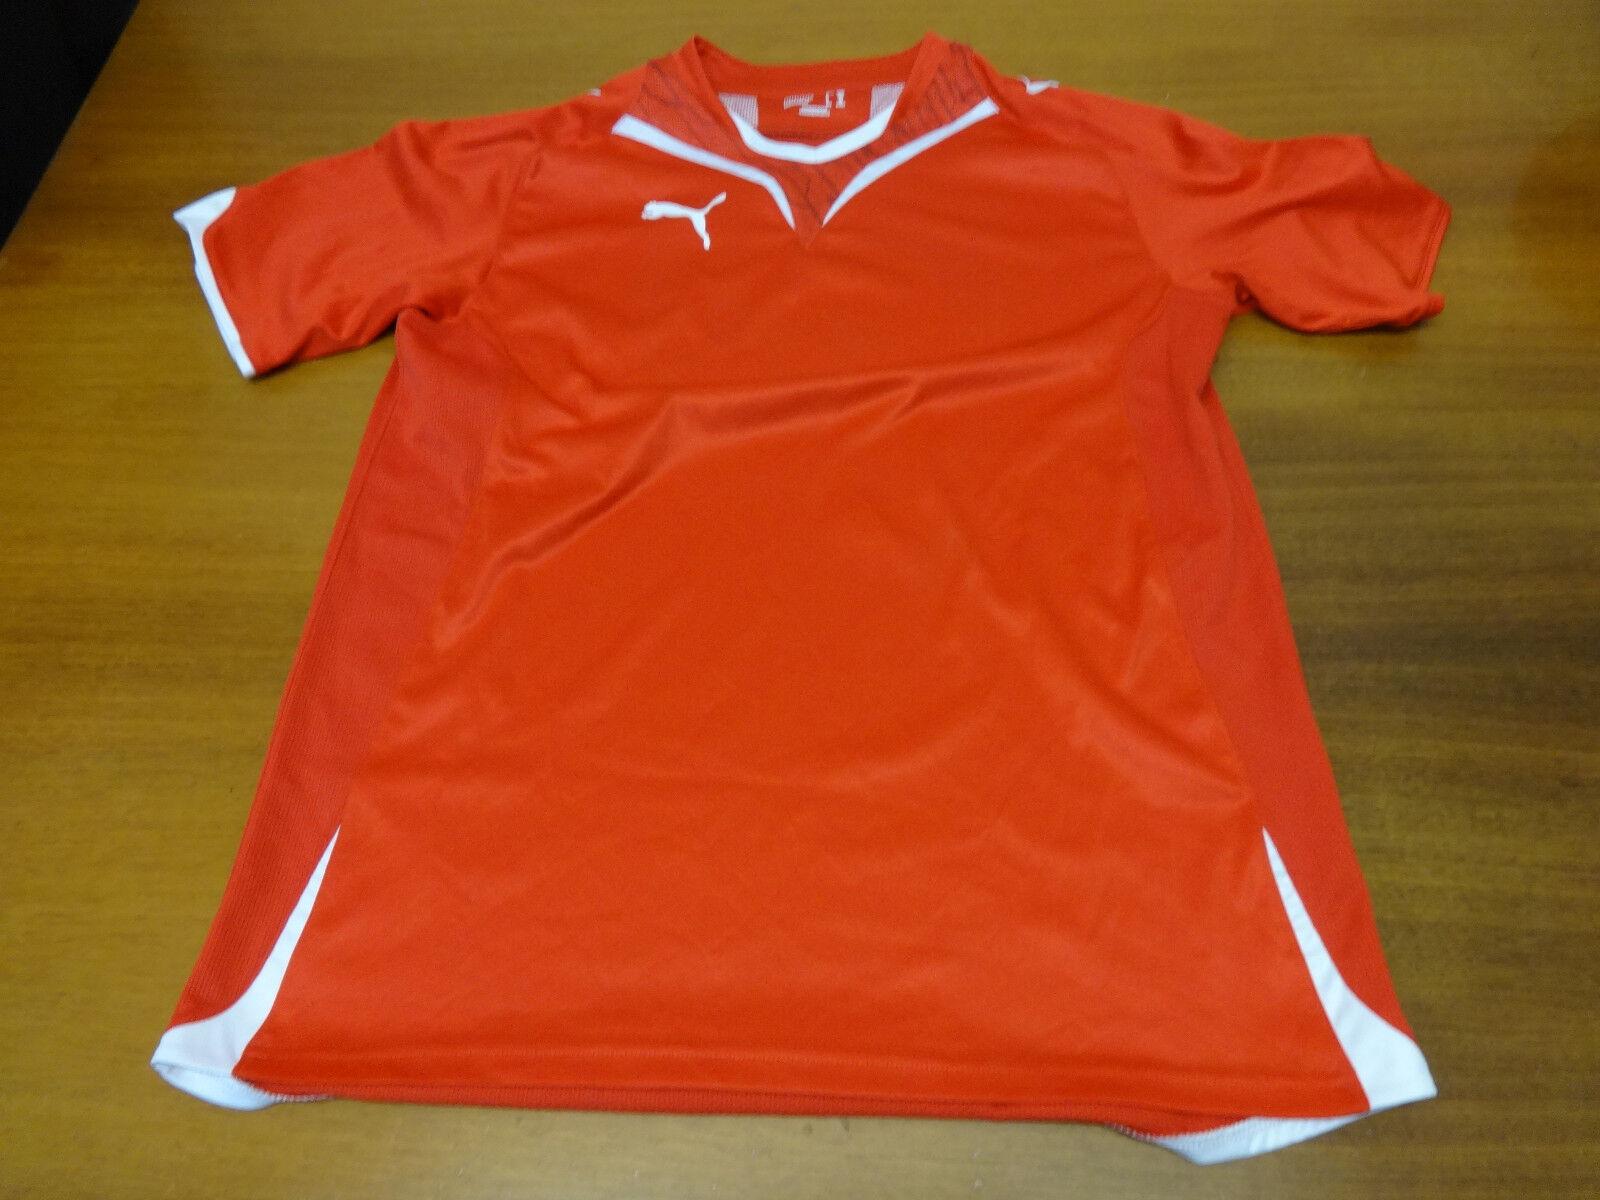 Puma Jungen Herren Funktionsshirt, rot, Größe 176